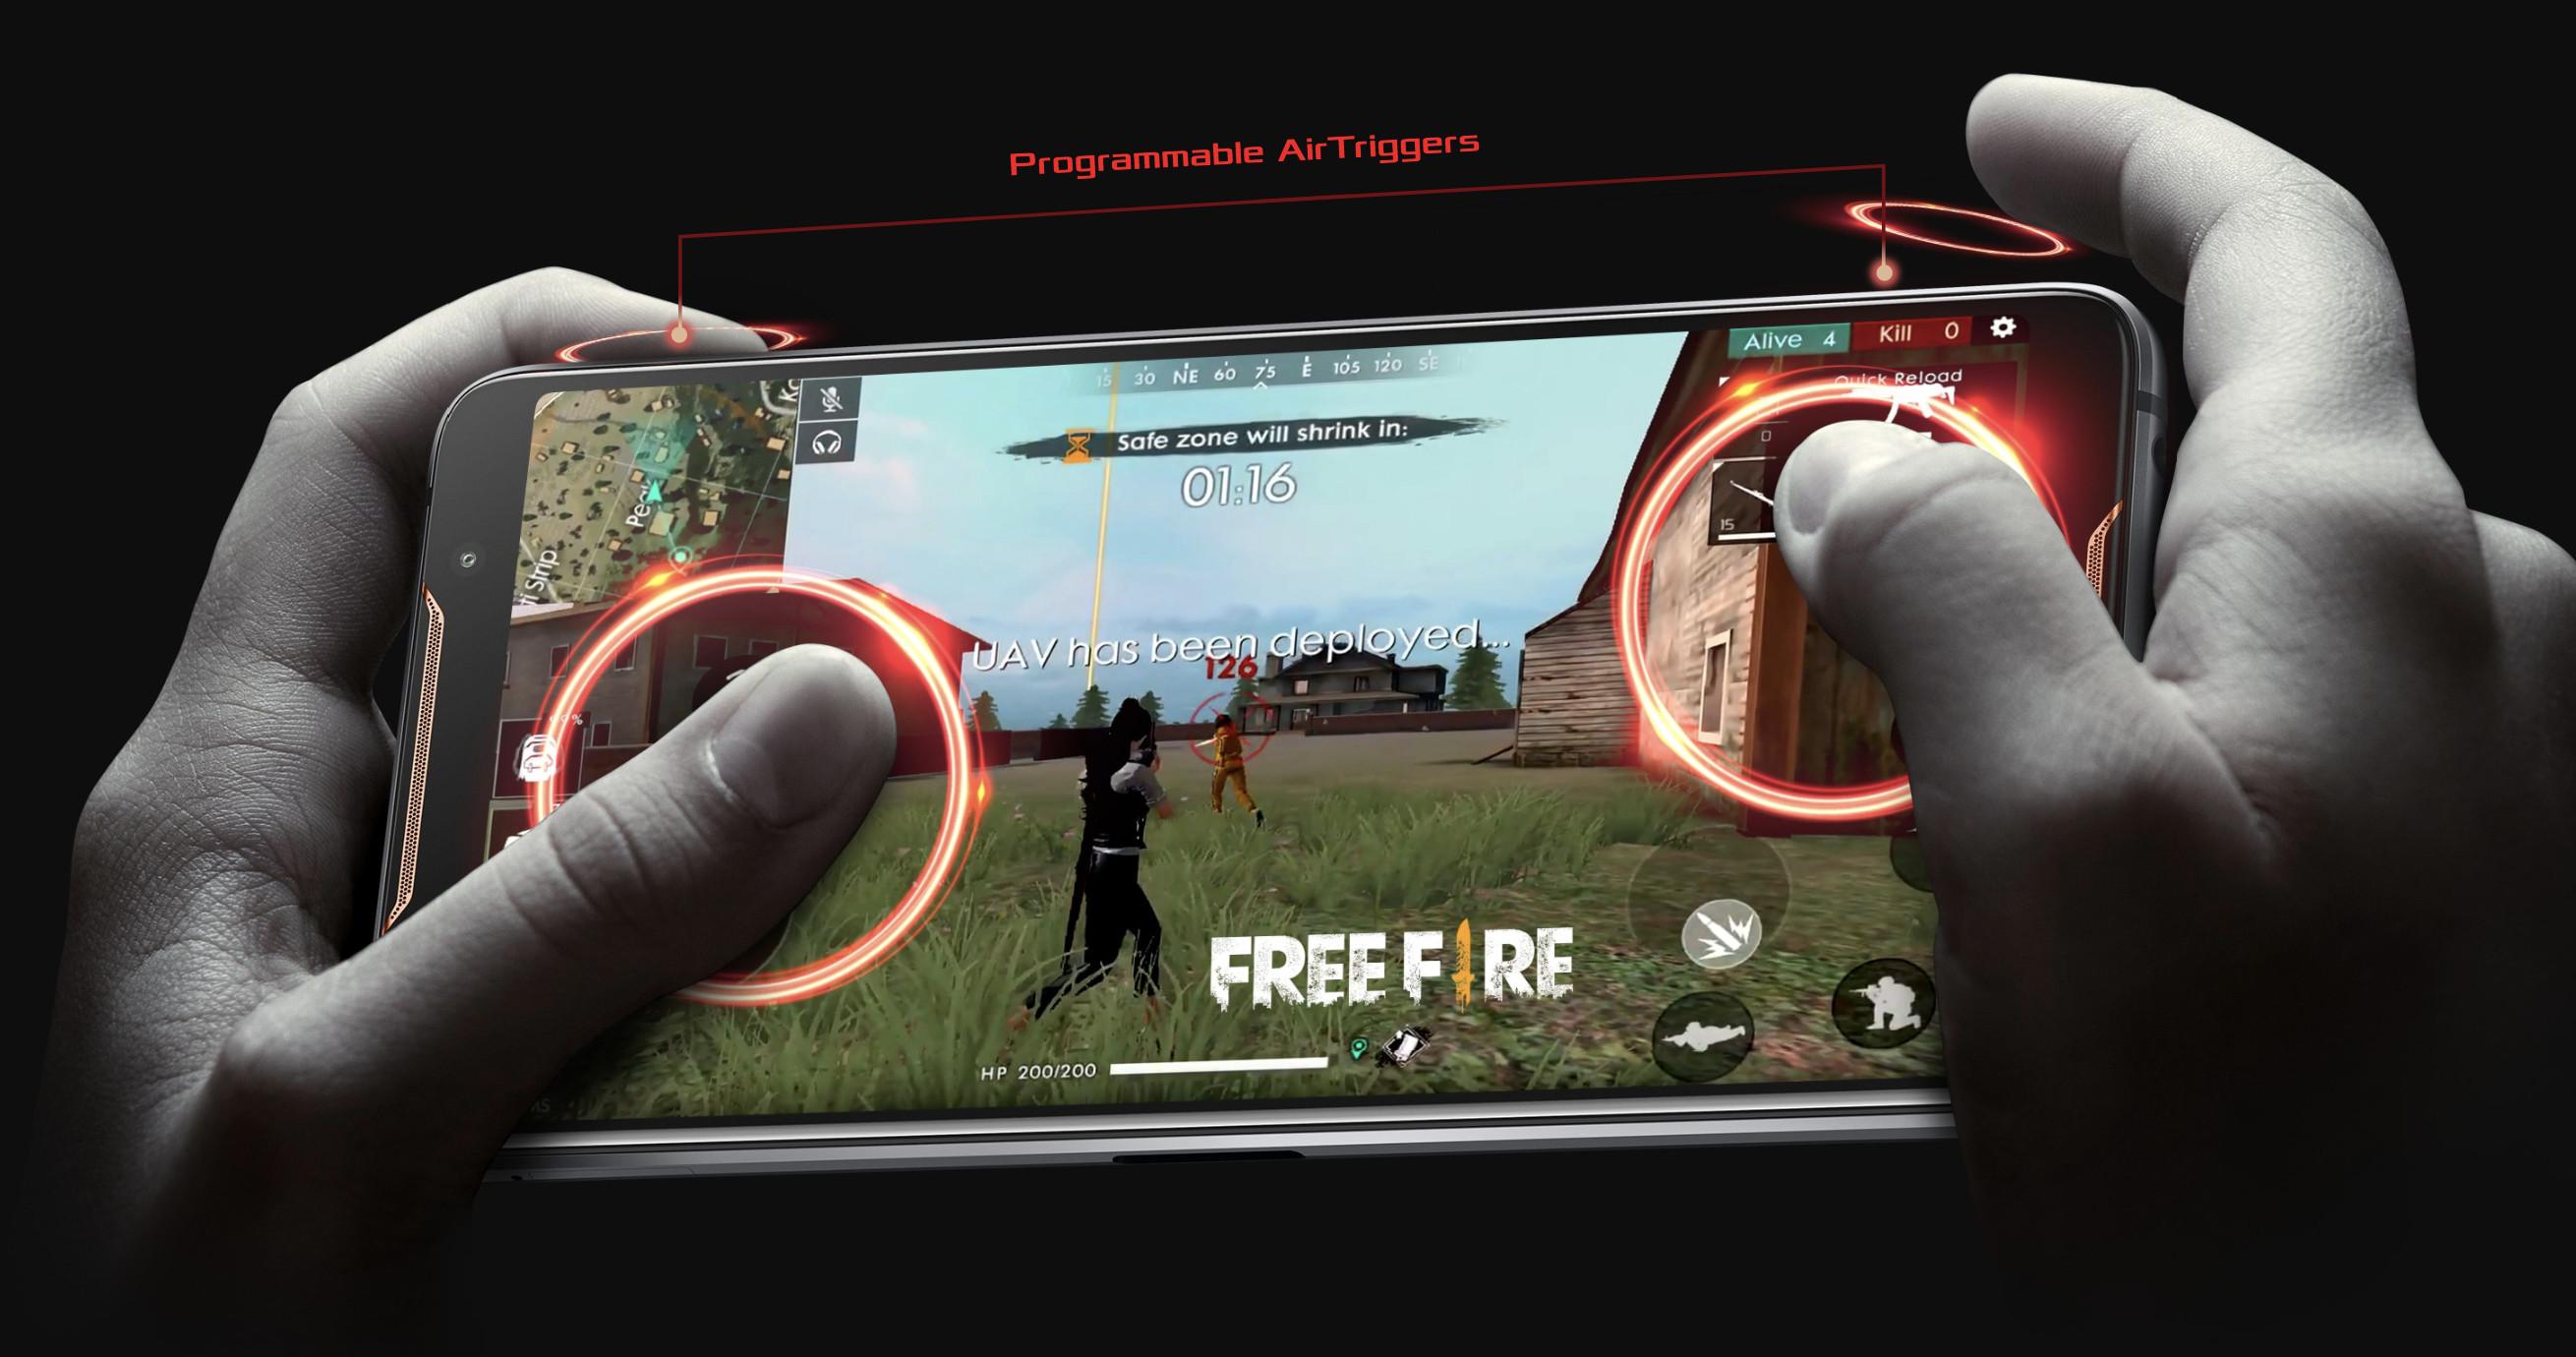 Asus Rog phone air trigger